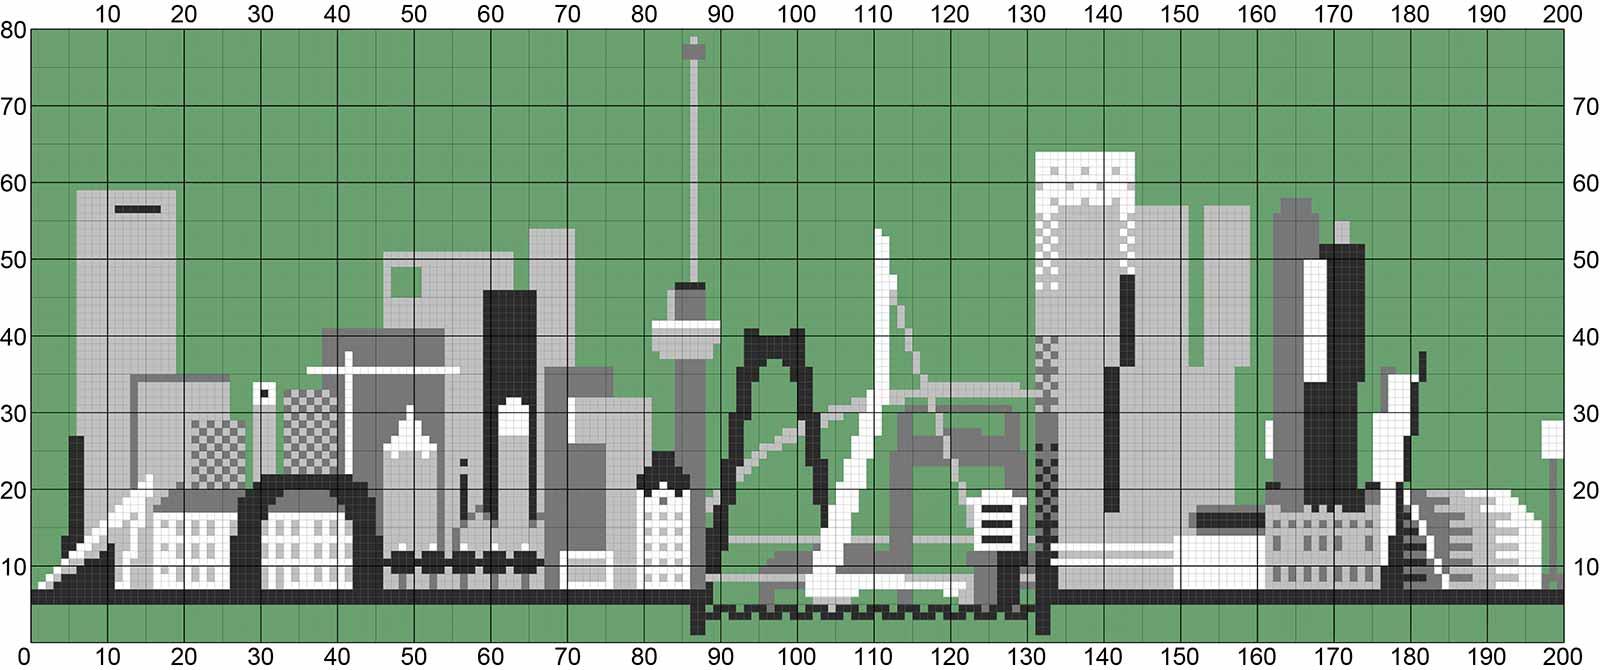 Breipatroon van 200 bij 80 steken in vijf kleuren van de skyline van Rotterdam met de belangrijkste gebouwen en bruggen van de Maasstad